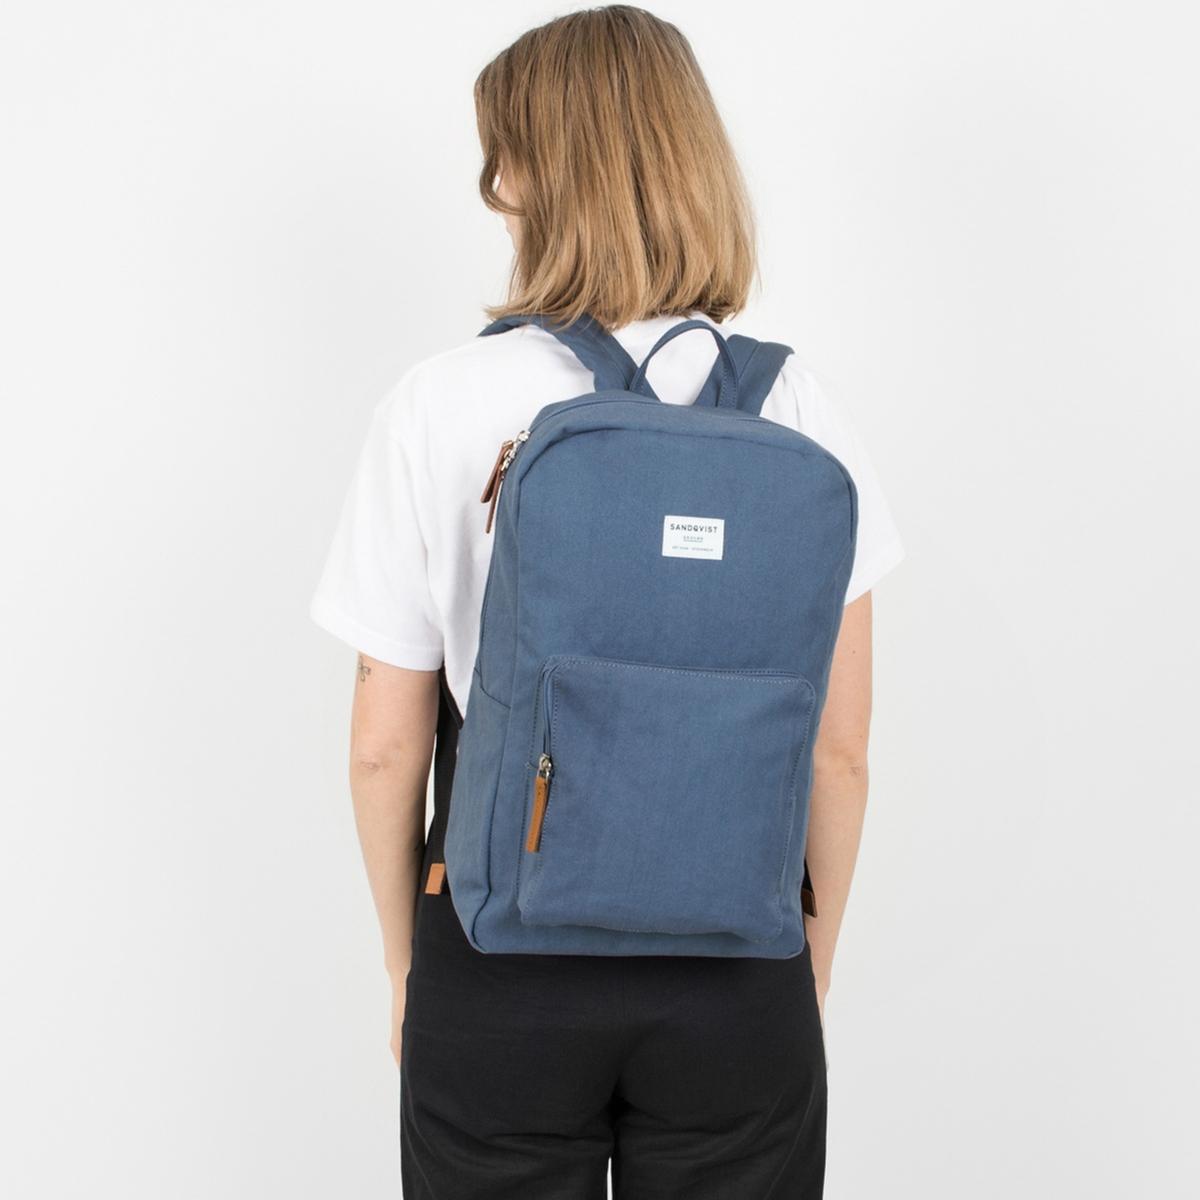 Рюкзак на молнии специально для ноутбука 15 дюймов, KIM